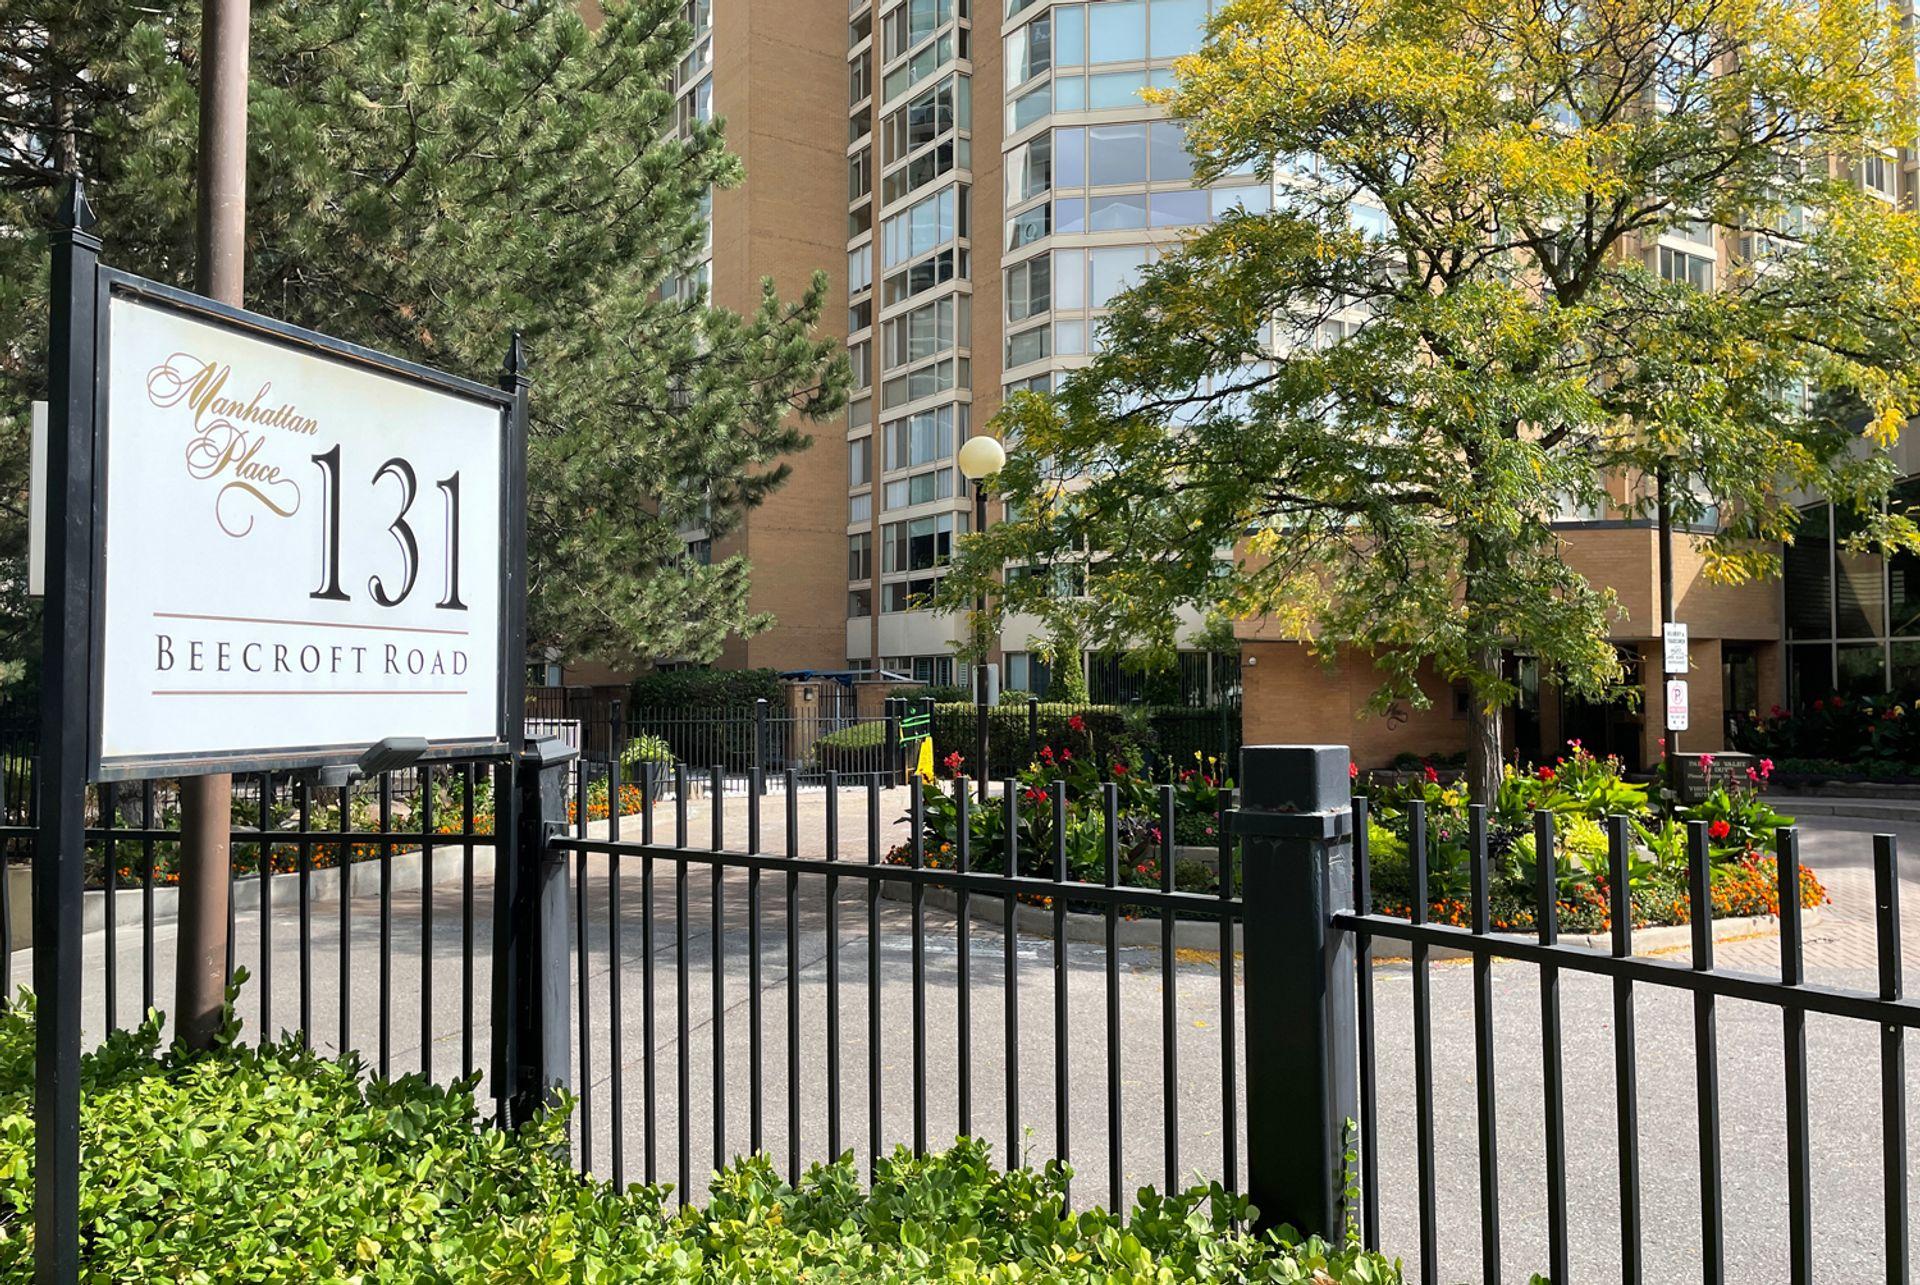 209 - 131 Beecroft Road, Lansing-Westgate, Toronto